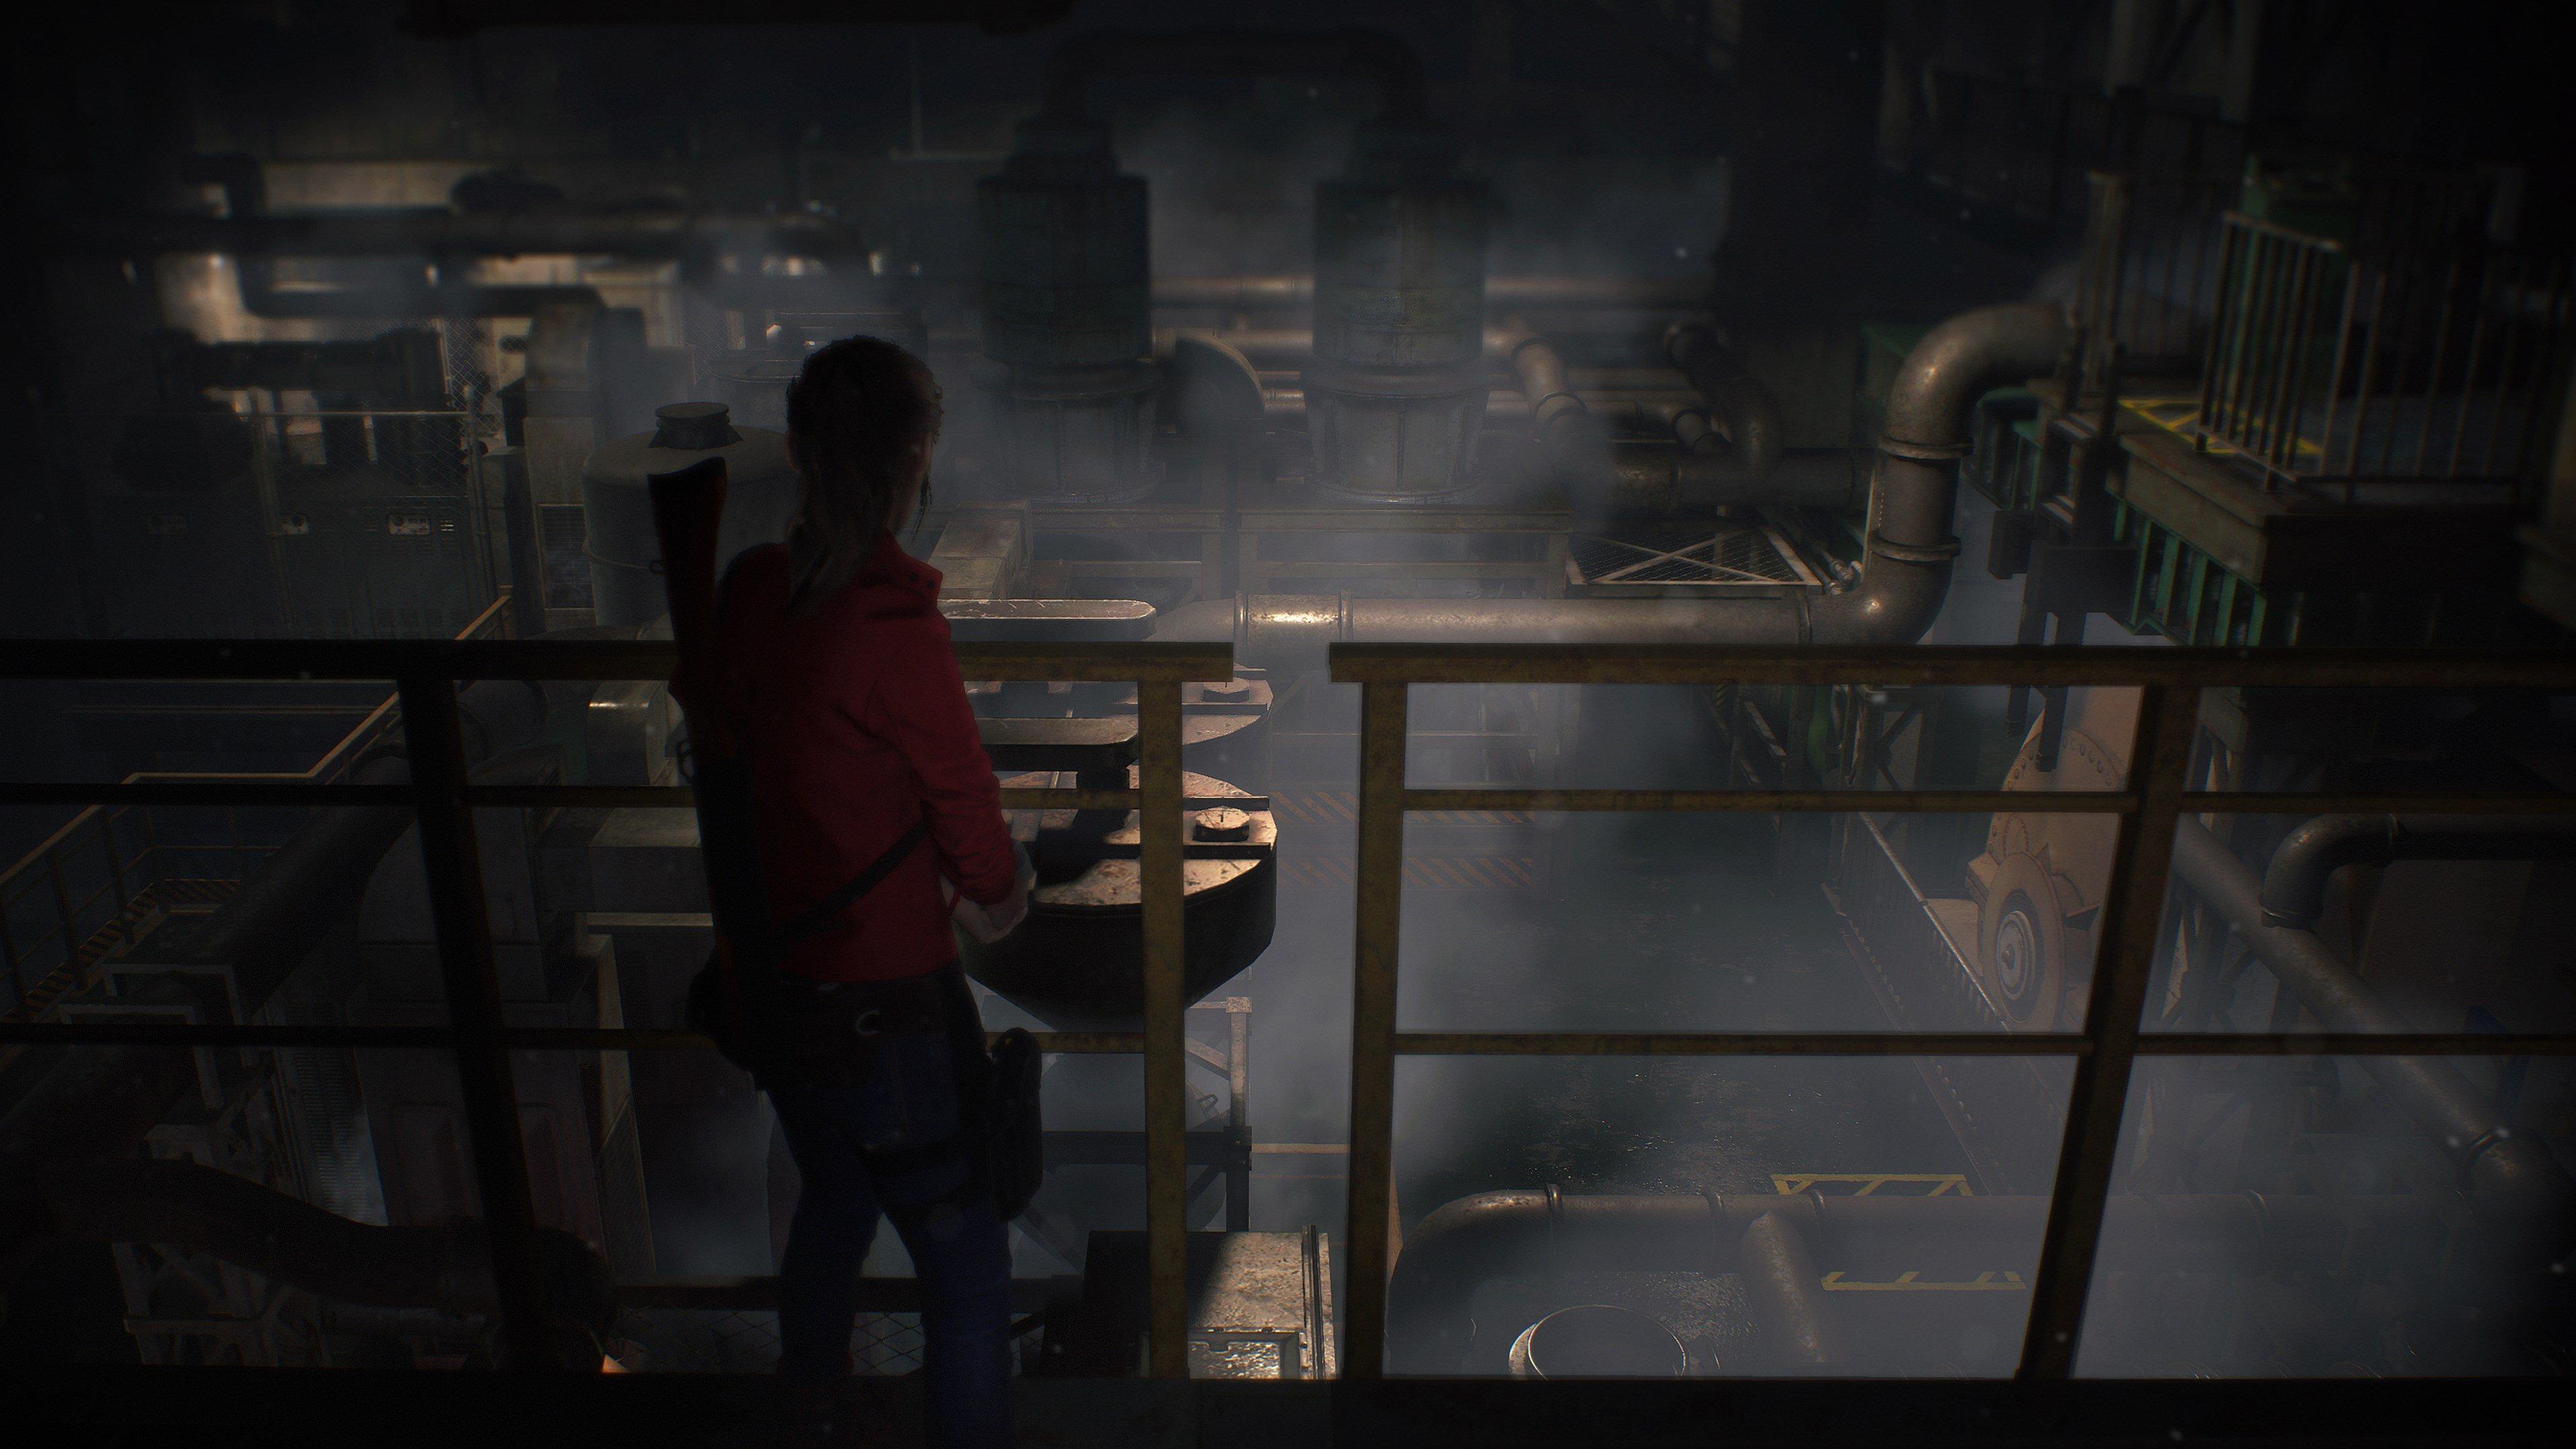 Jogamos! DEMO de Resident Evil 2 com Claire une ação e emoção 1